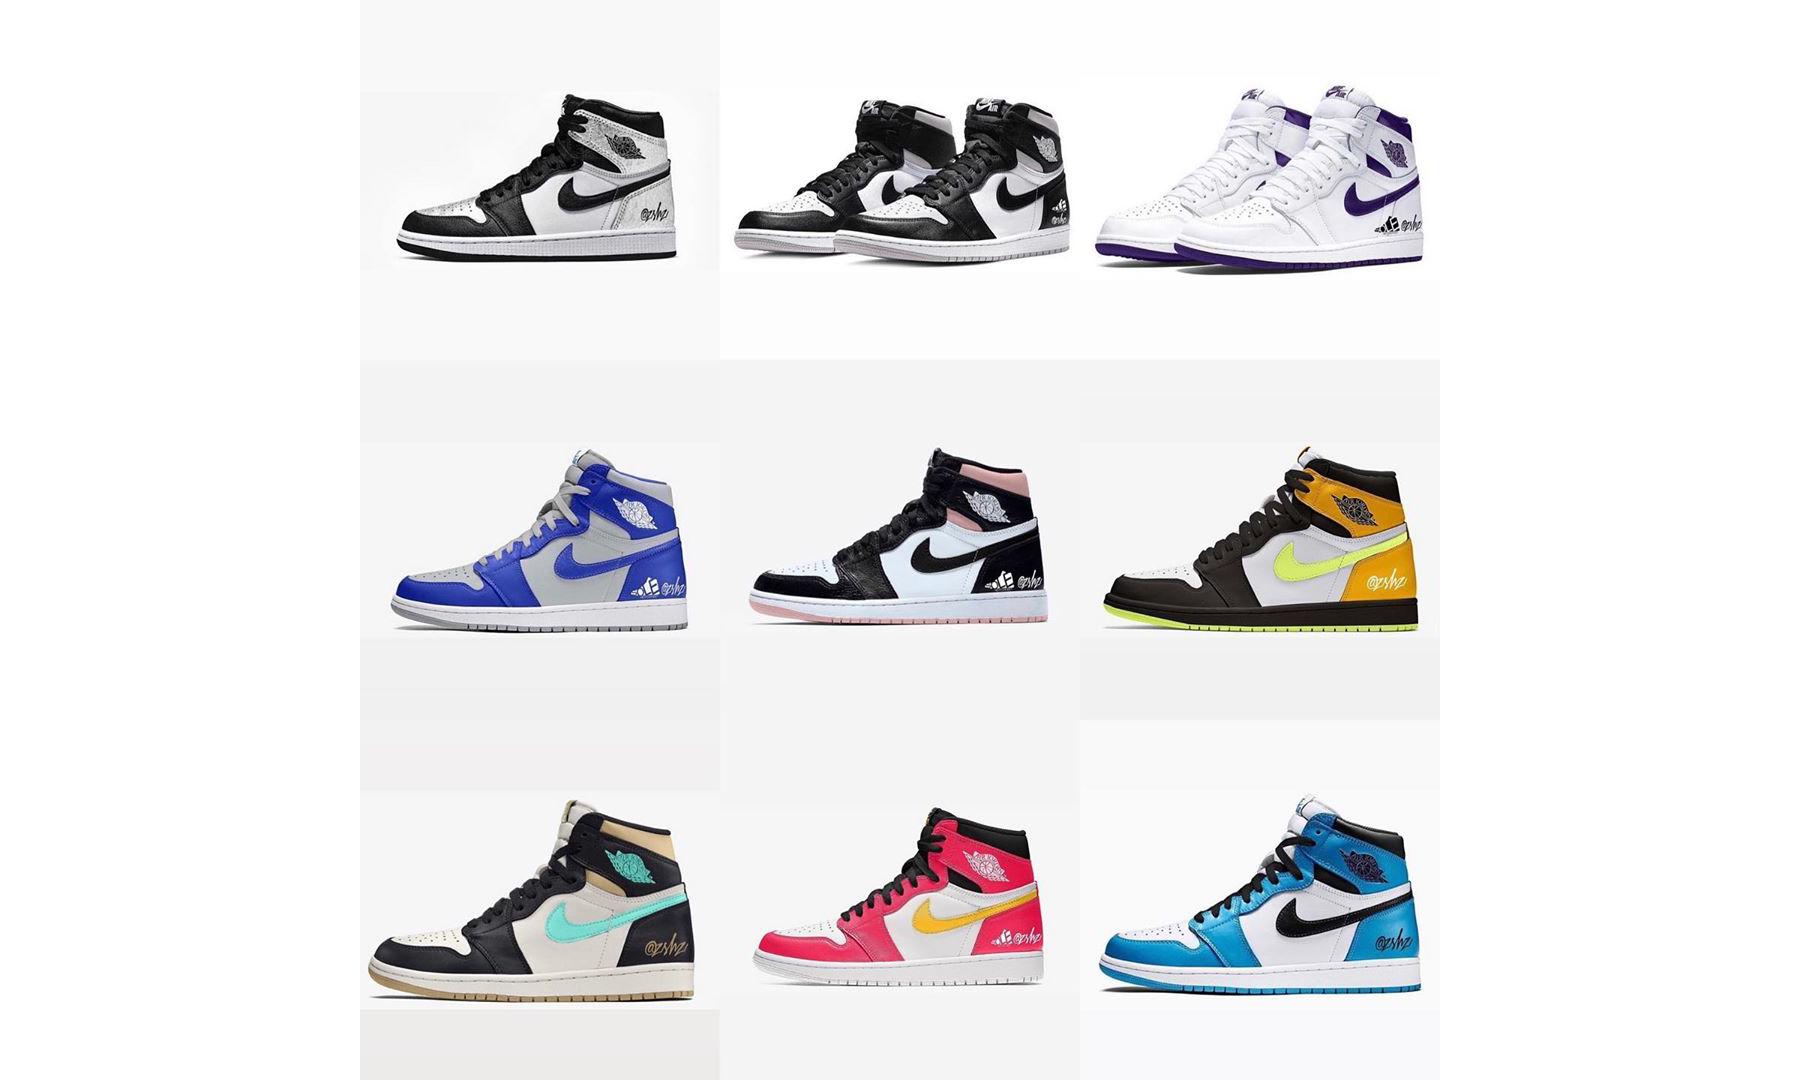 抢先预览将在明年发售的多款 Air Jordan I